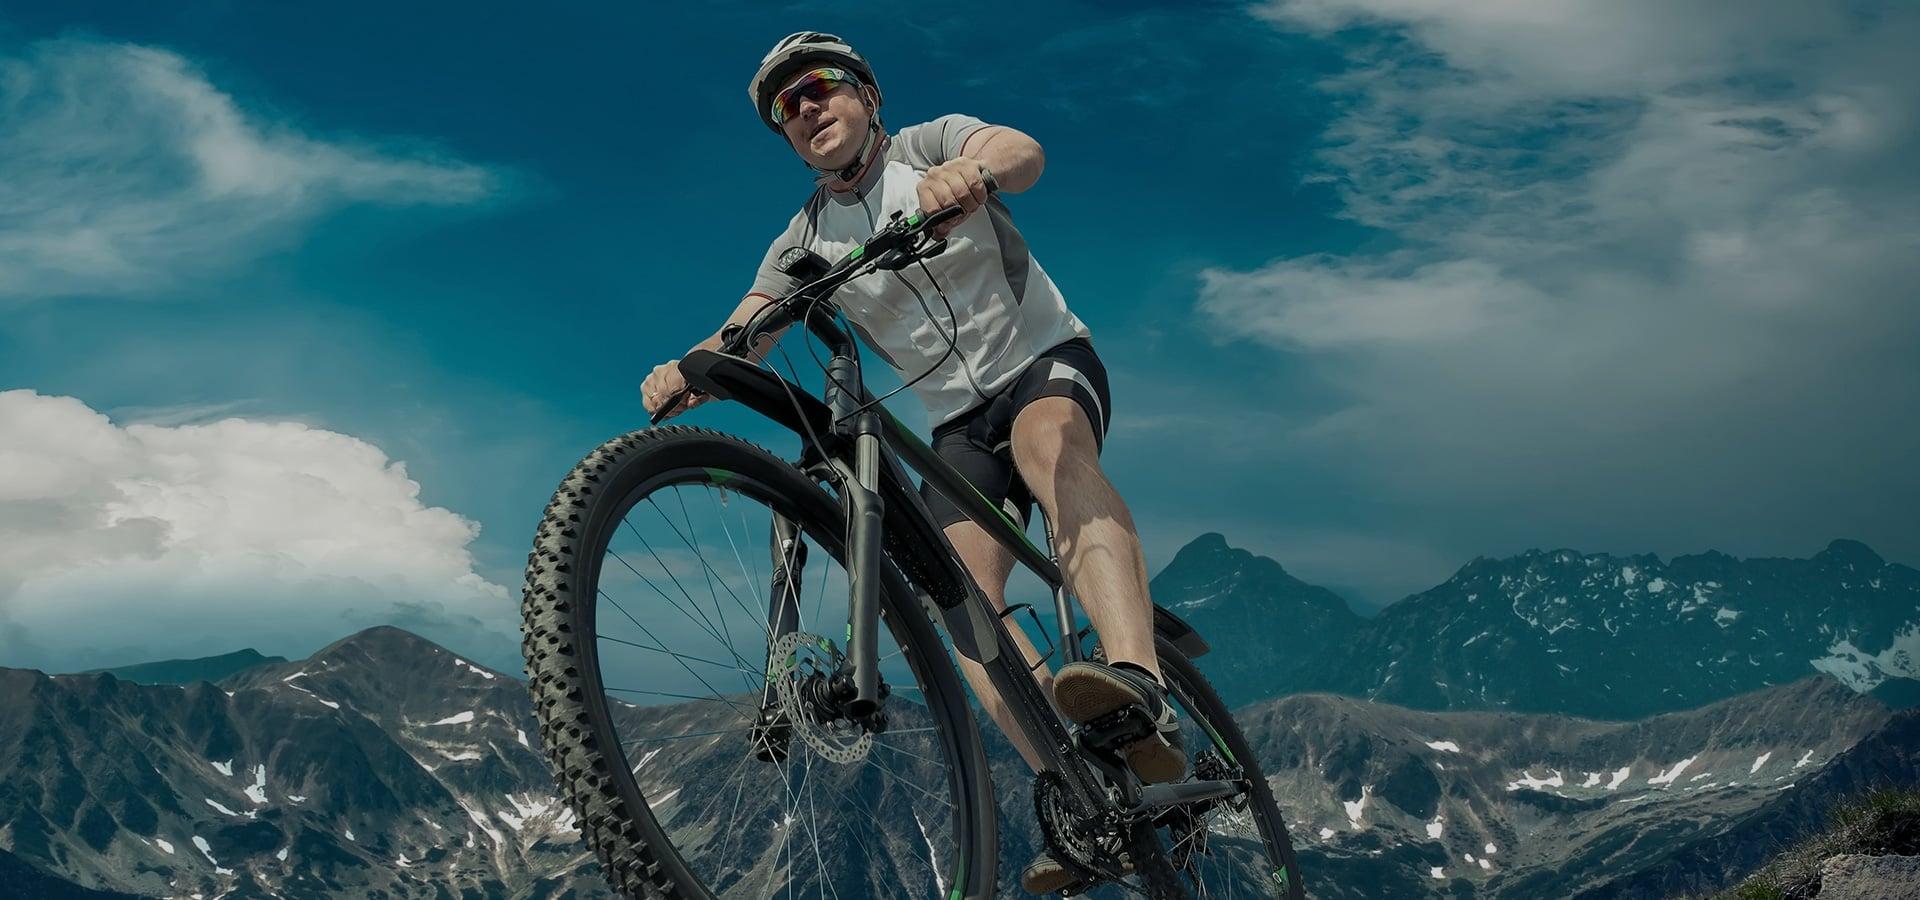 Prodaja vrhunskih koles